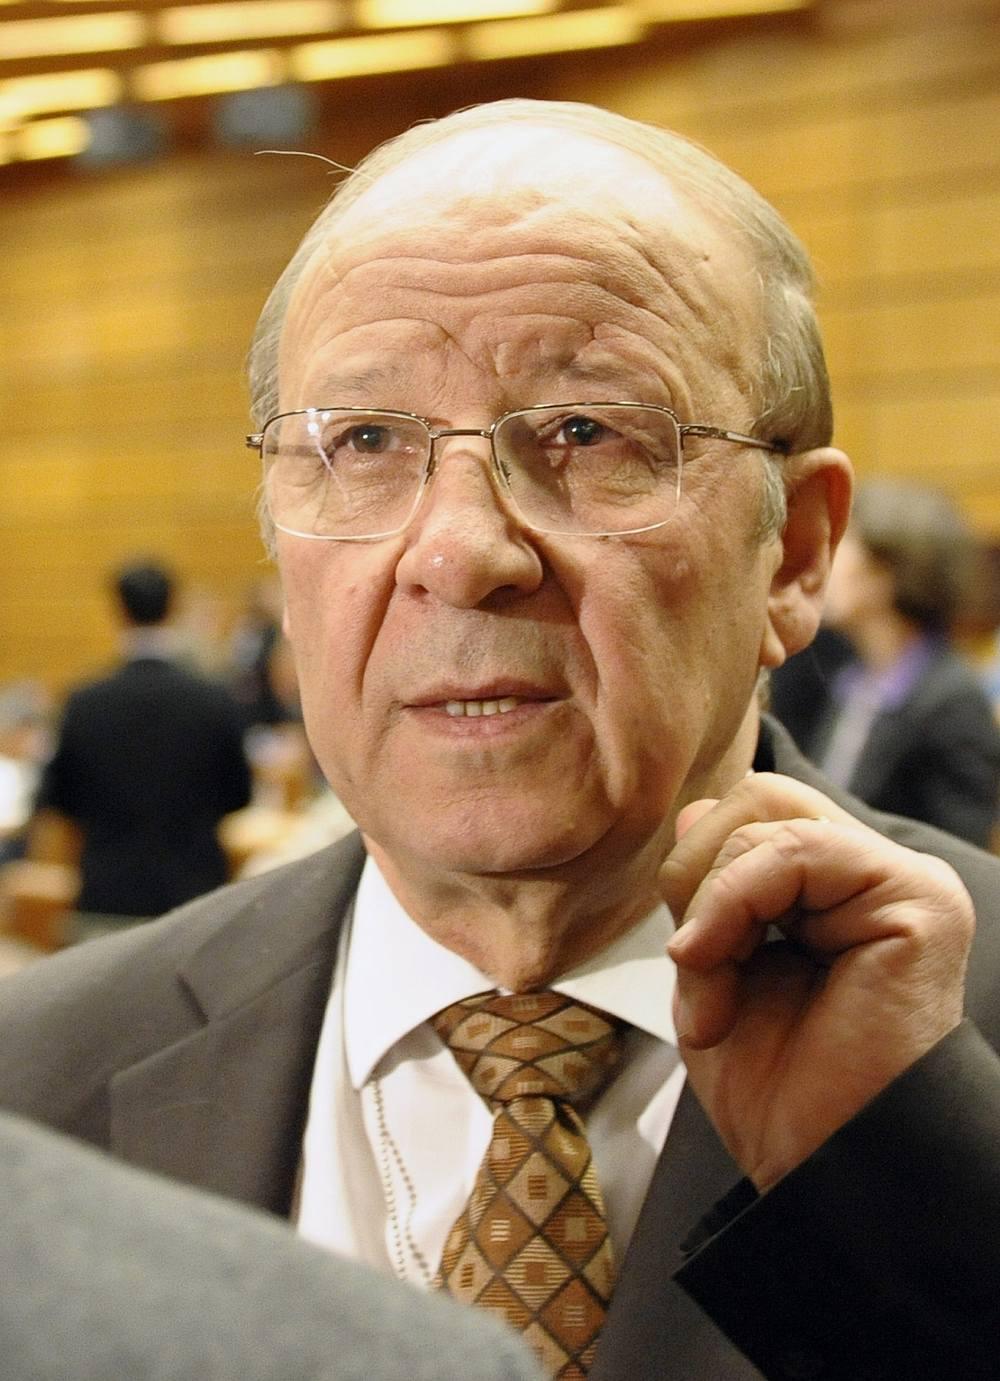 Ibrahim Othman, miembro de la delegación de la República Árabe Siria, en una reunión de la Junta de la Agencia Internacional de Energía Atómica, IAEA, en el Centro Internacional de Viena, el 27 de noviembre de 2008. (AP Photo / Hans Punz)